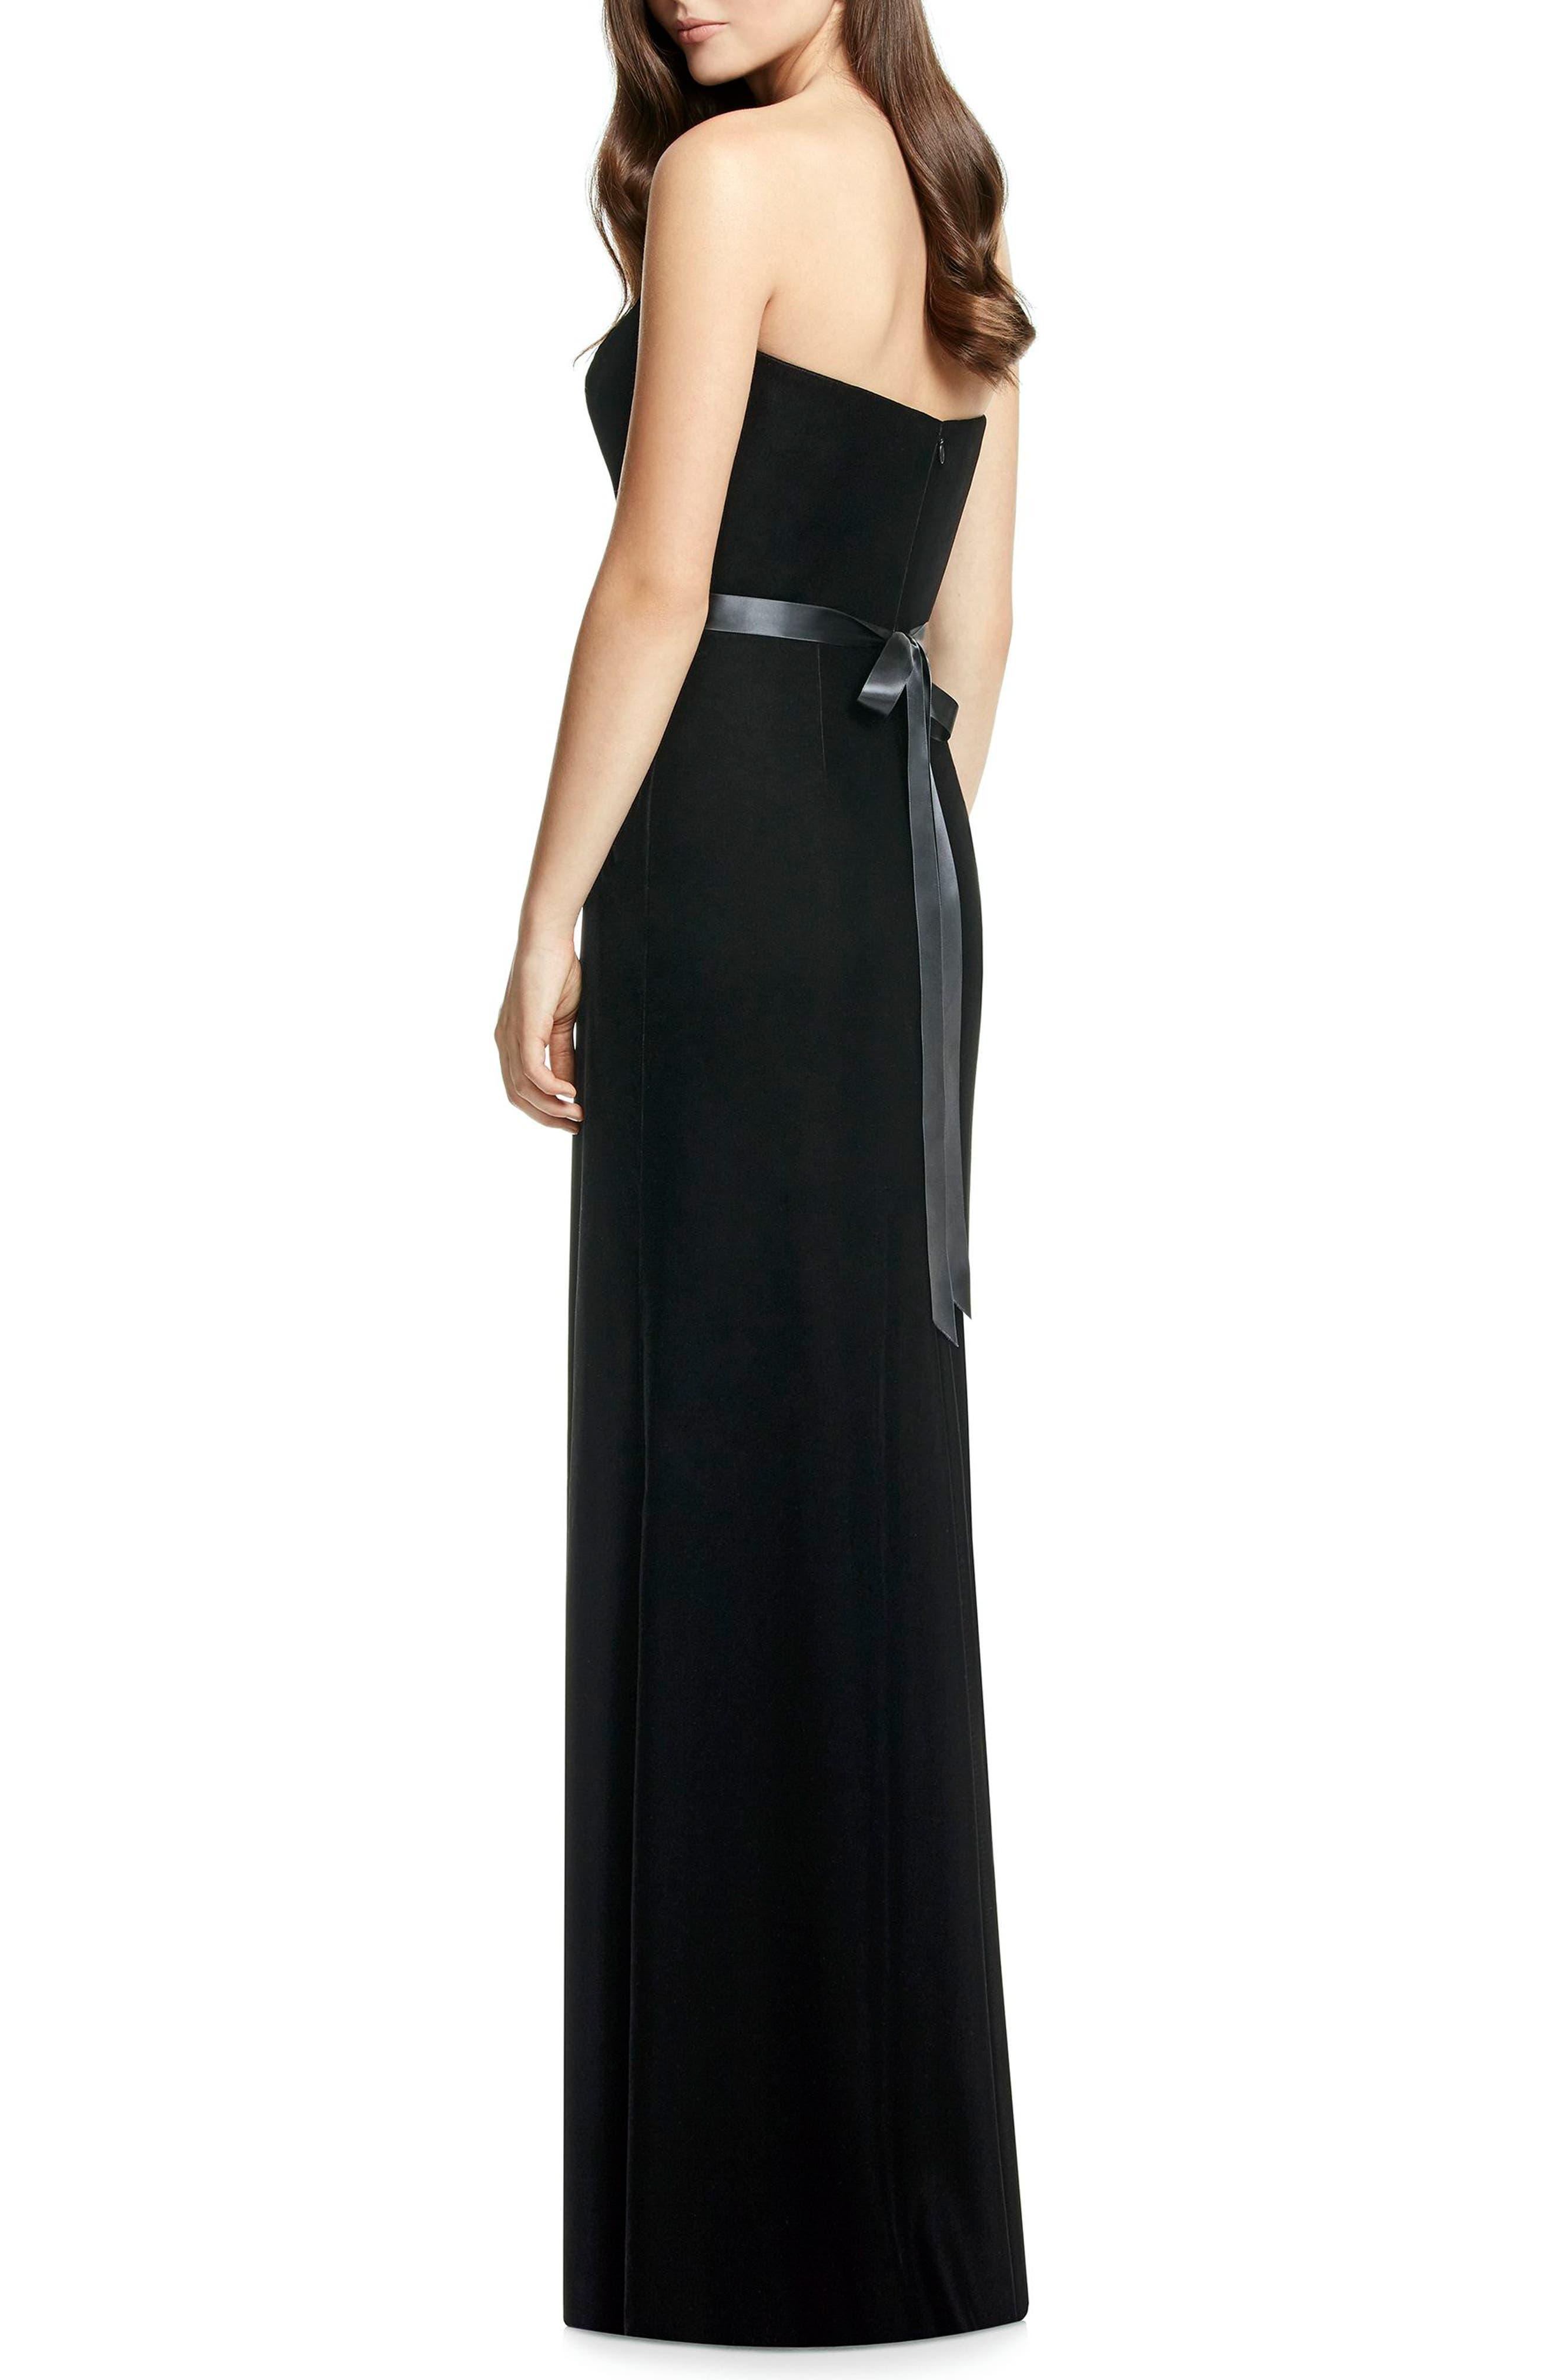 DESSY COLLECTION, Embellished Belt Strapless Velvet Gown, Alternate thumbnail 2, color, BLACK